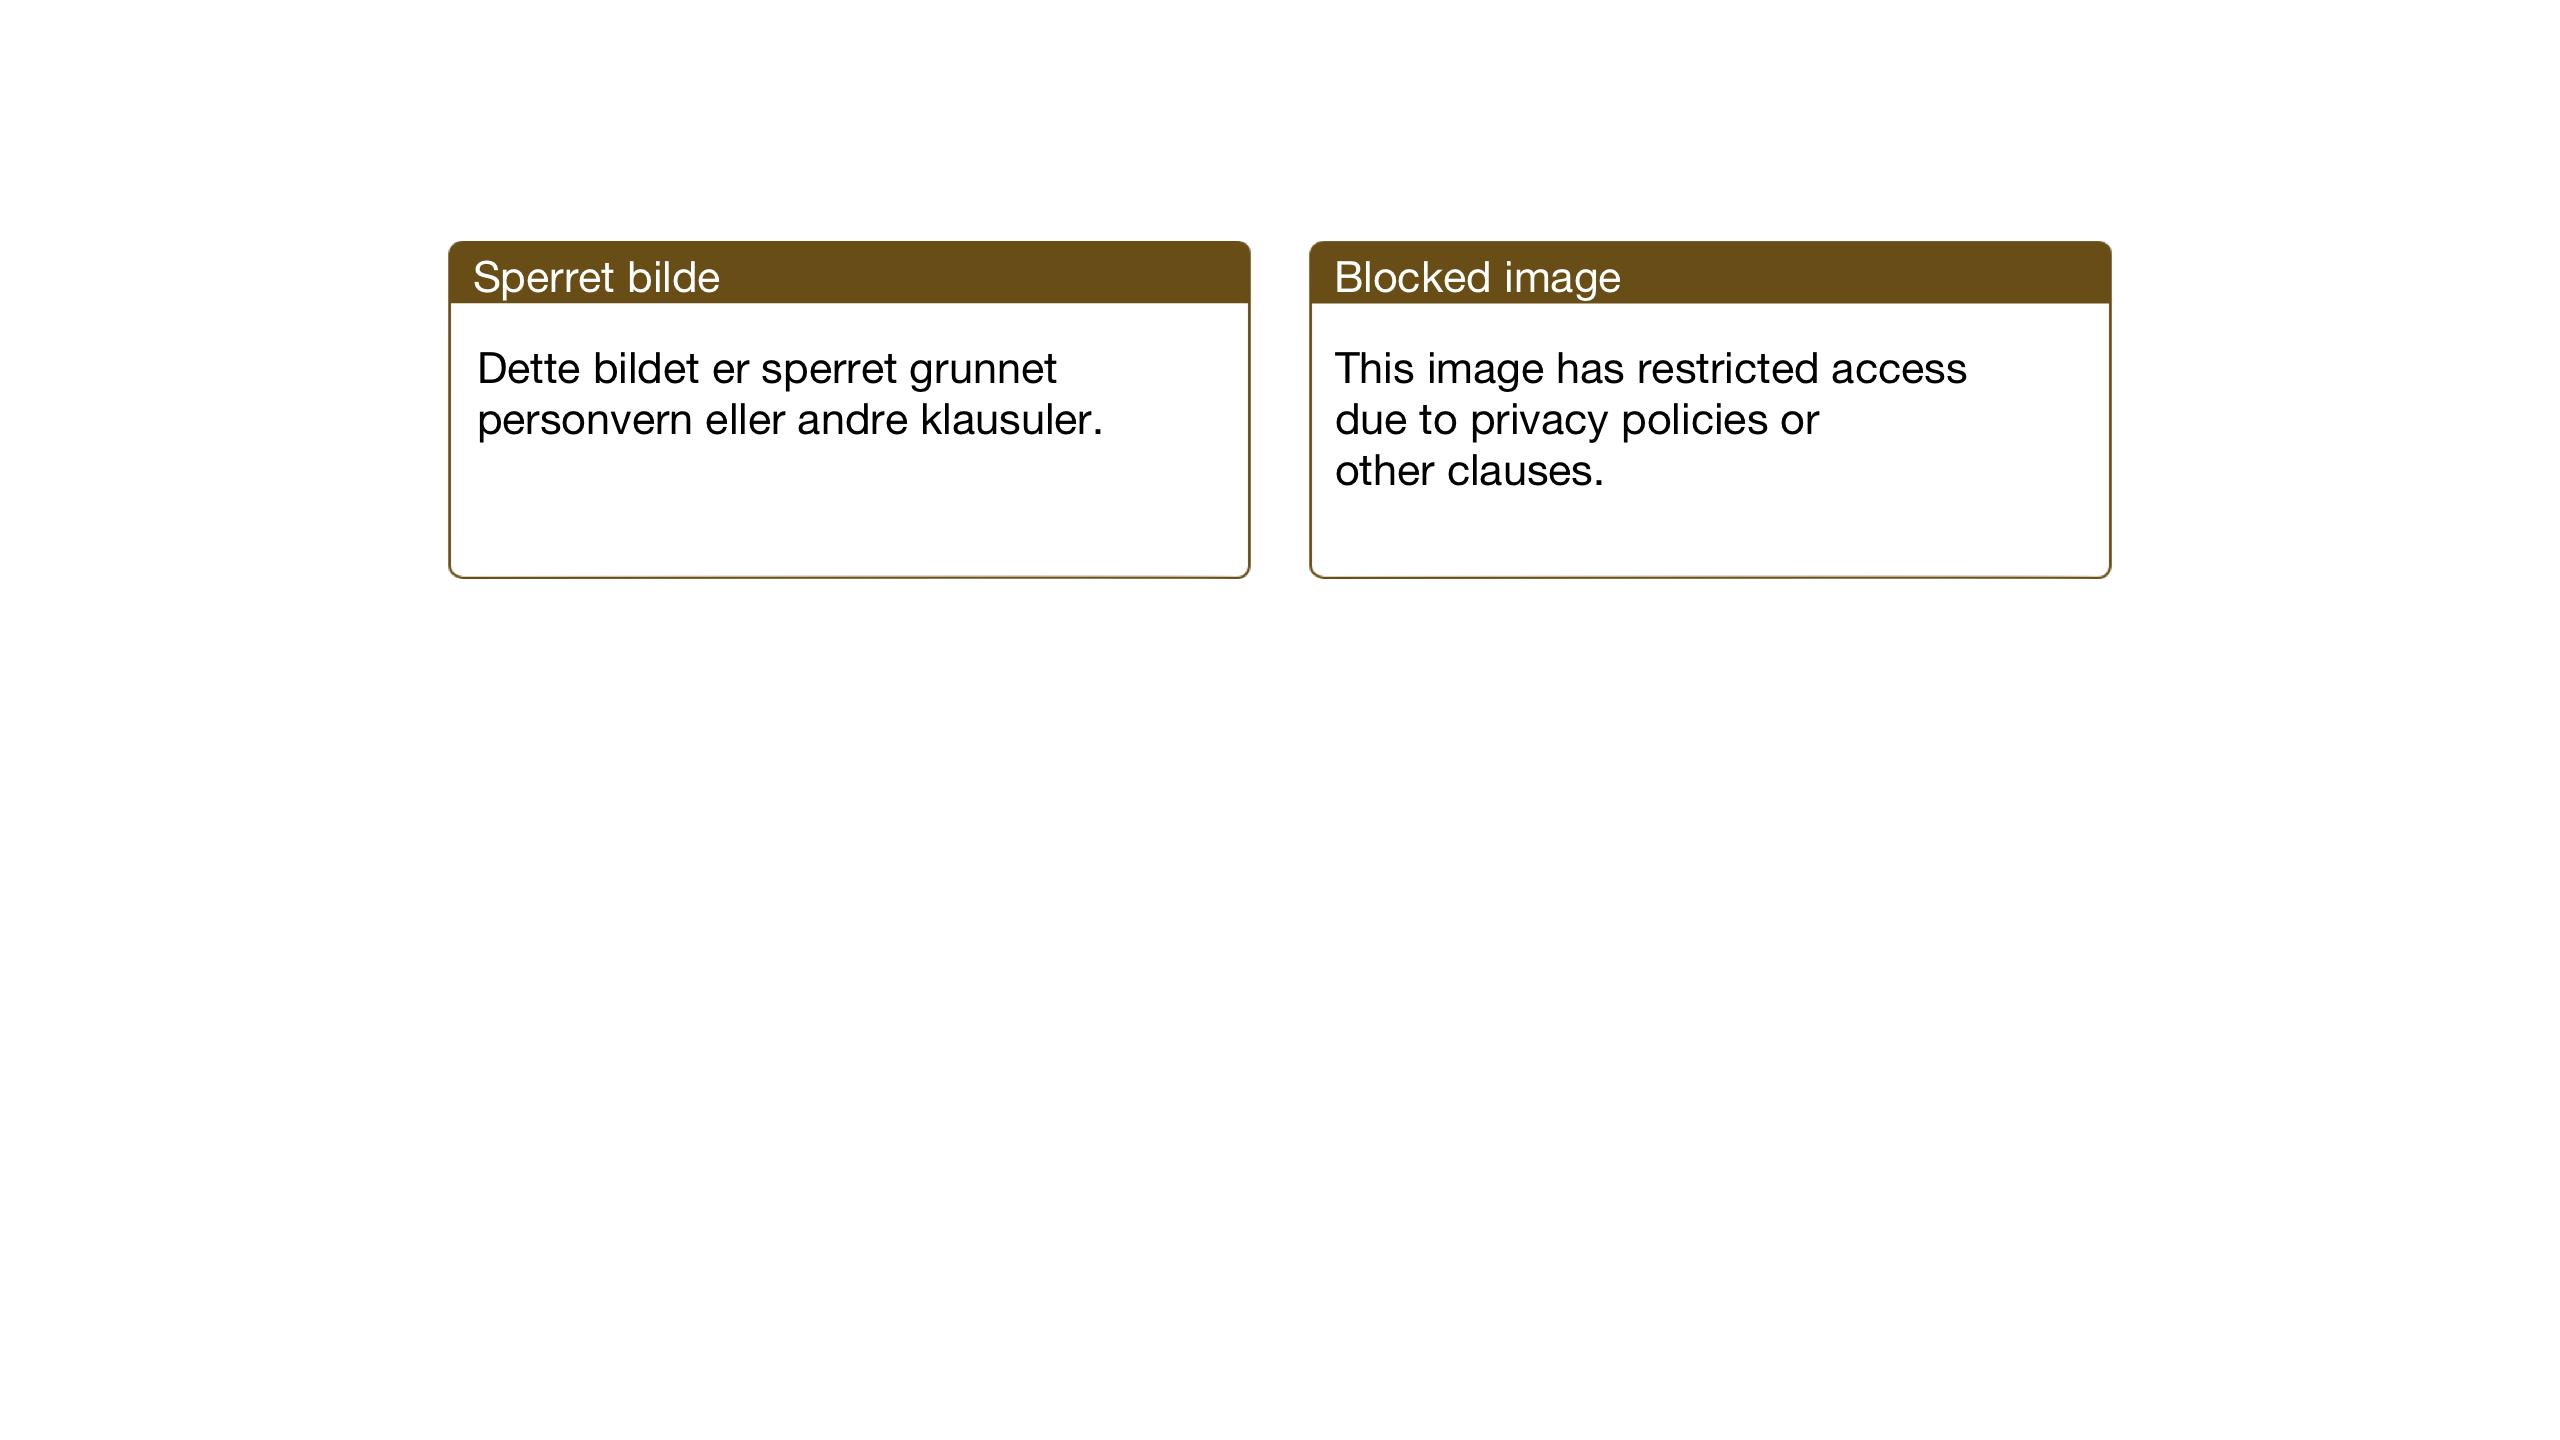 SAT, Ministerialprotokoller, klokkerbøker og fødselsregistre - Sør-Trøndelag, 617/L0432: Klokkerbok nr. 617C03, 1936-1942, s. 25